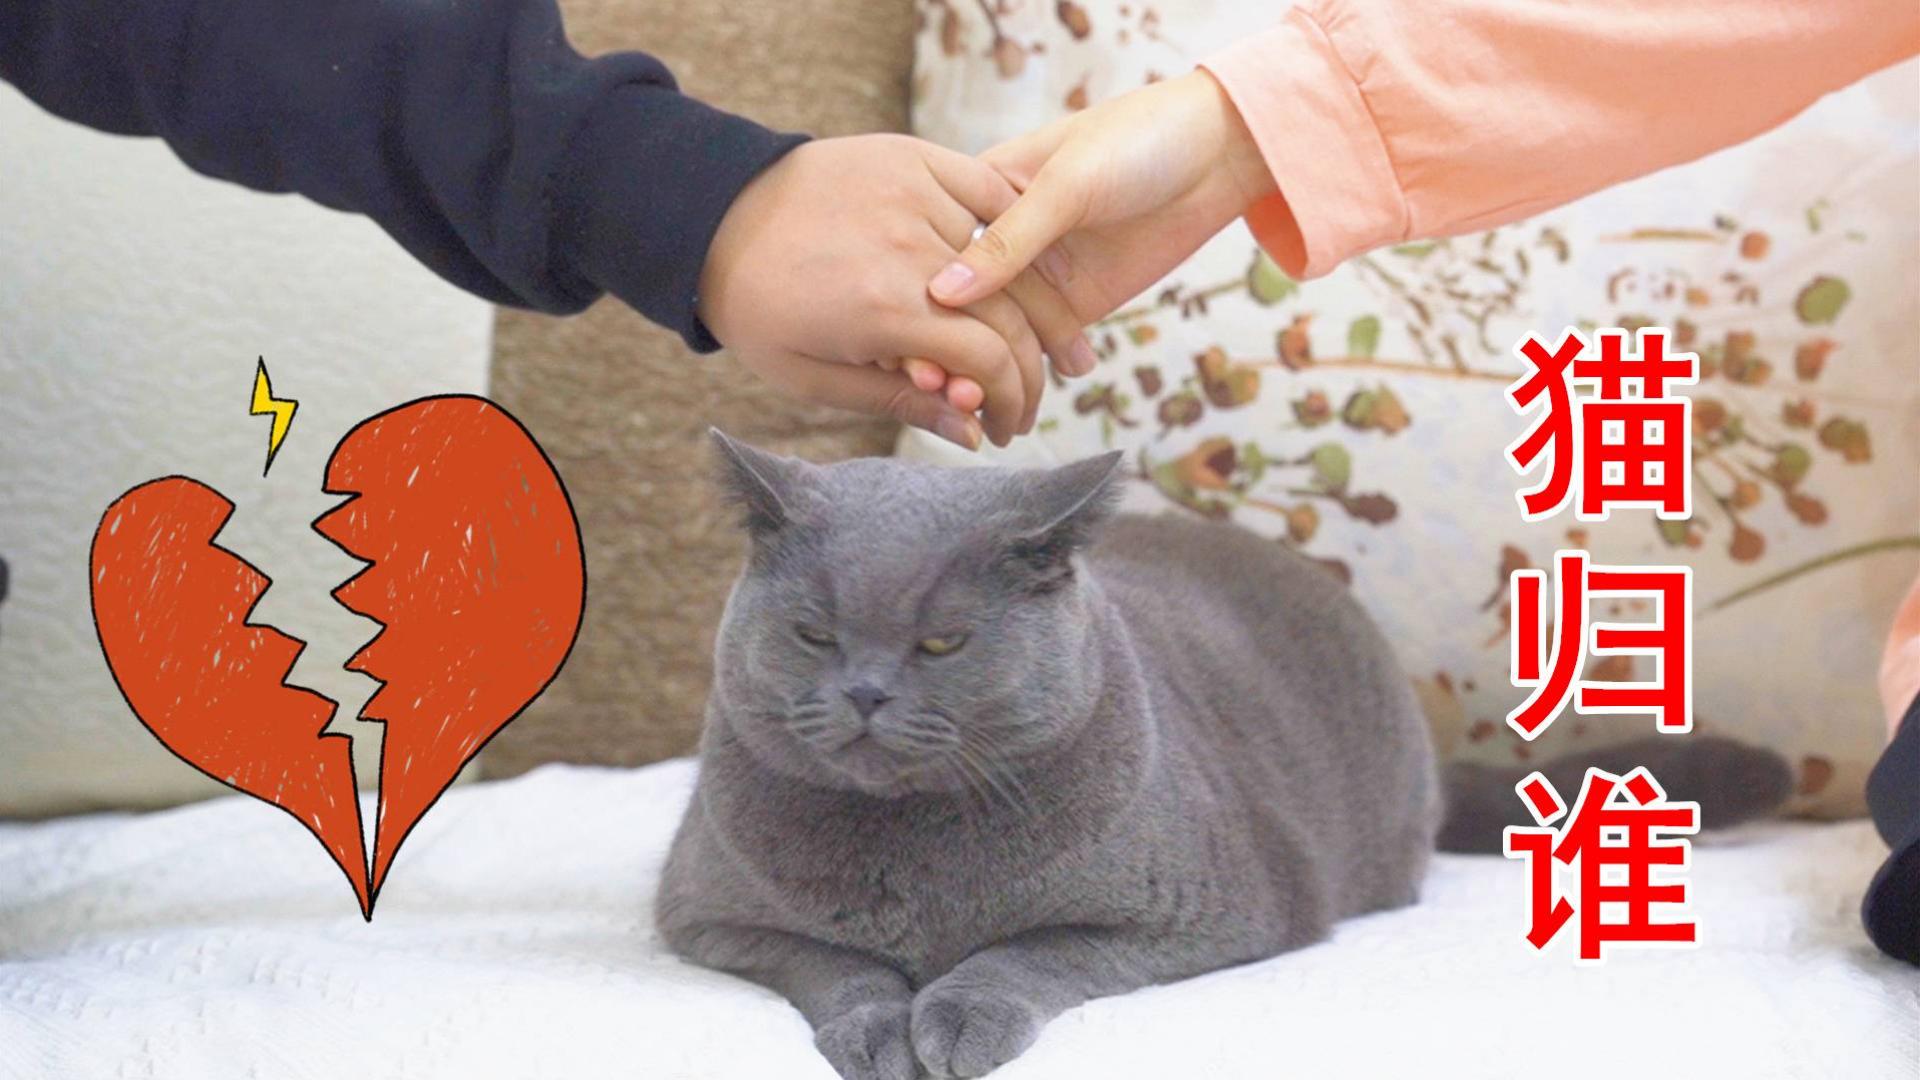 假如情侣分手了,一起养的猫应该归谁?